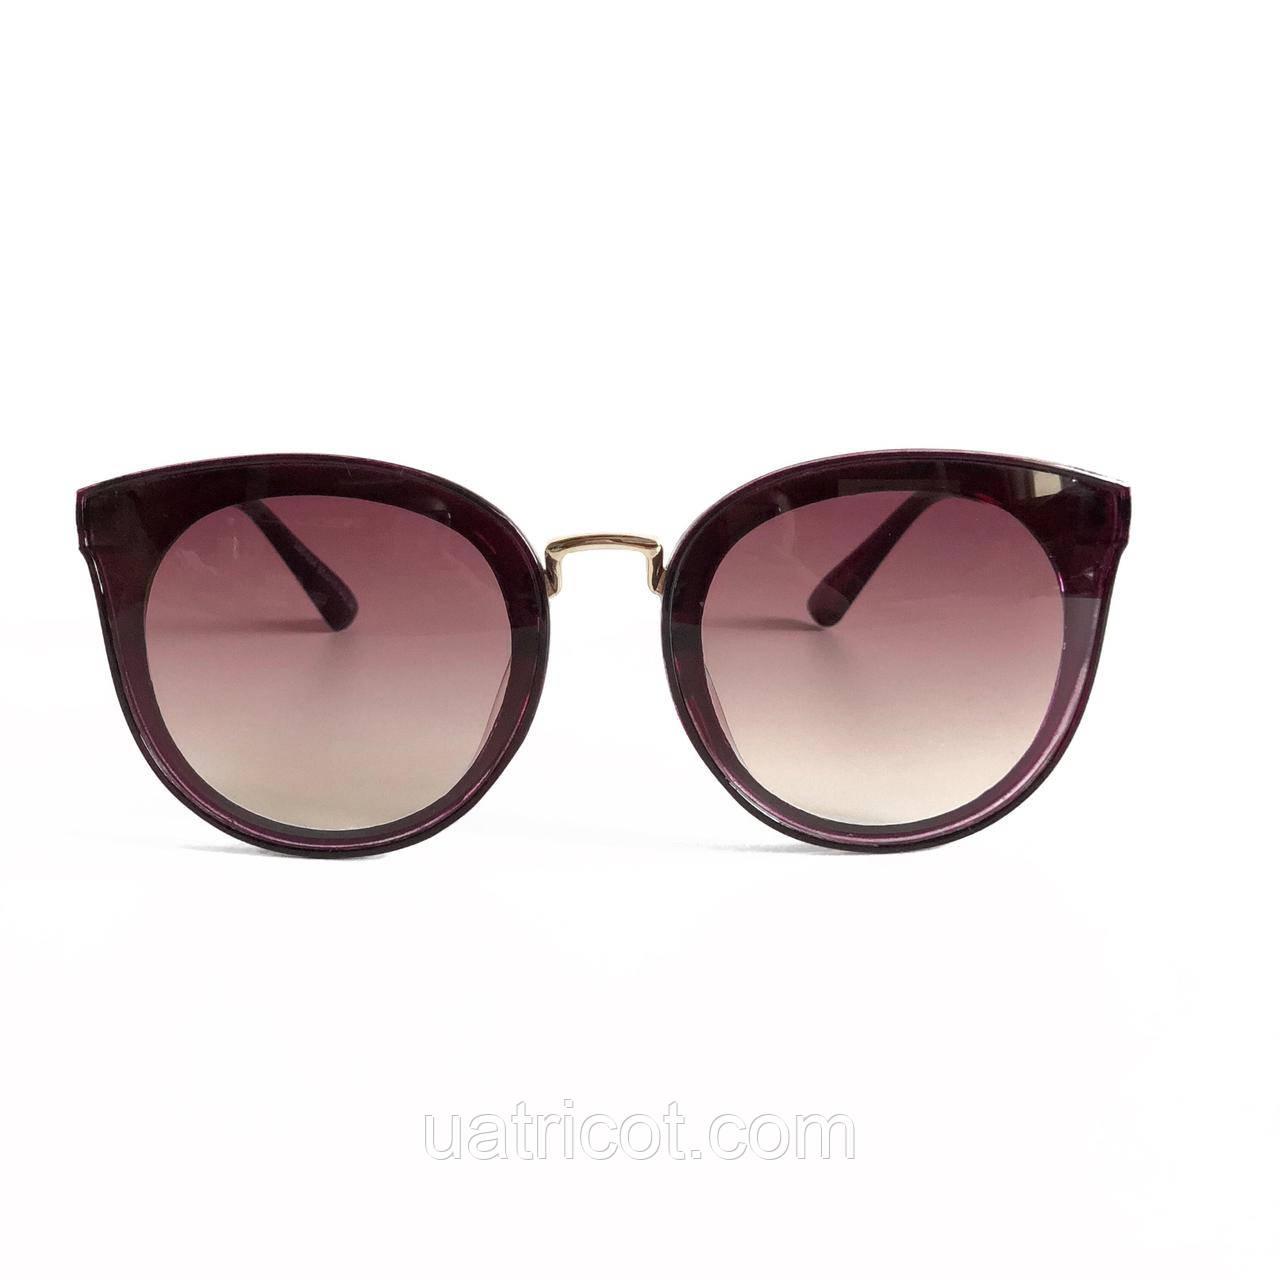 Женские солнцезащитные очки Сat eye с бордовыми линзами